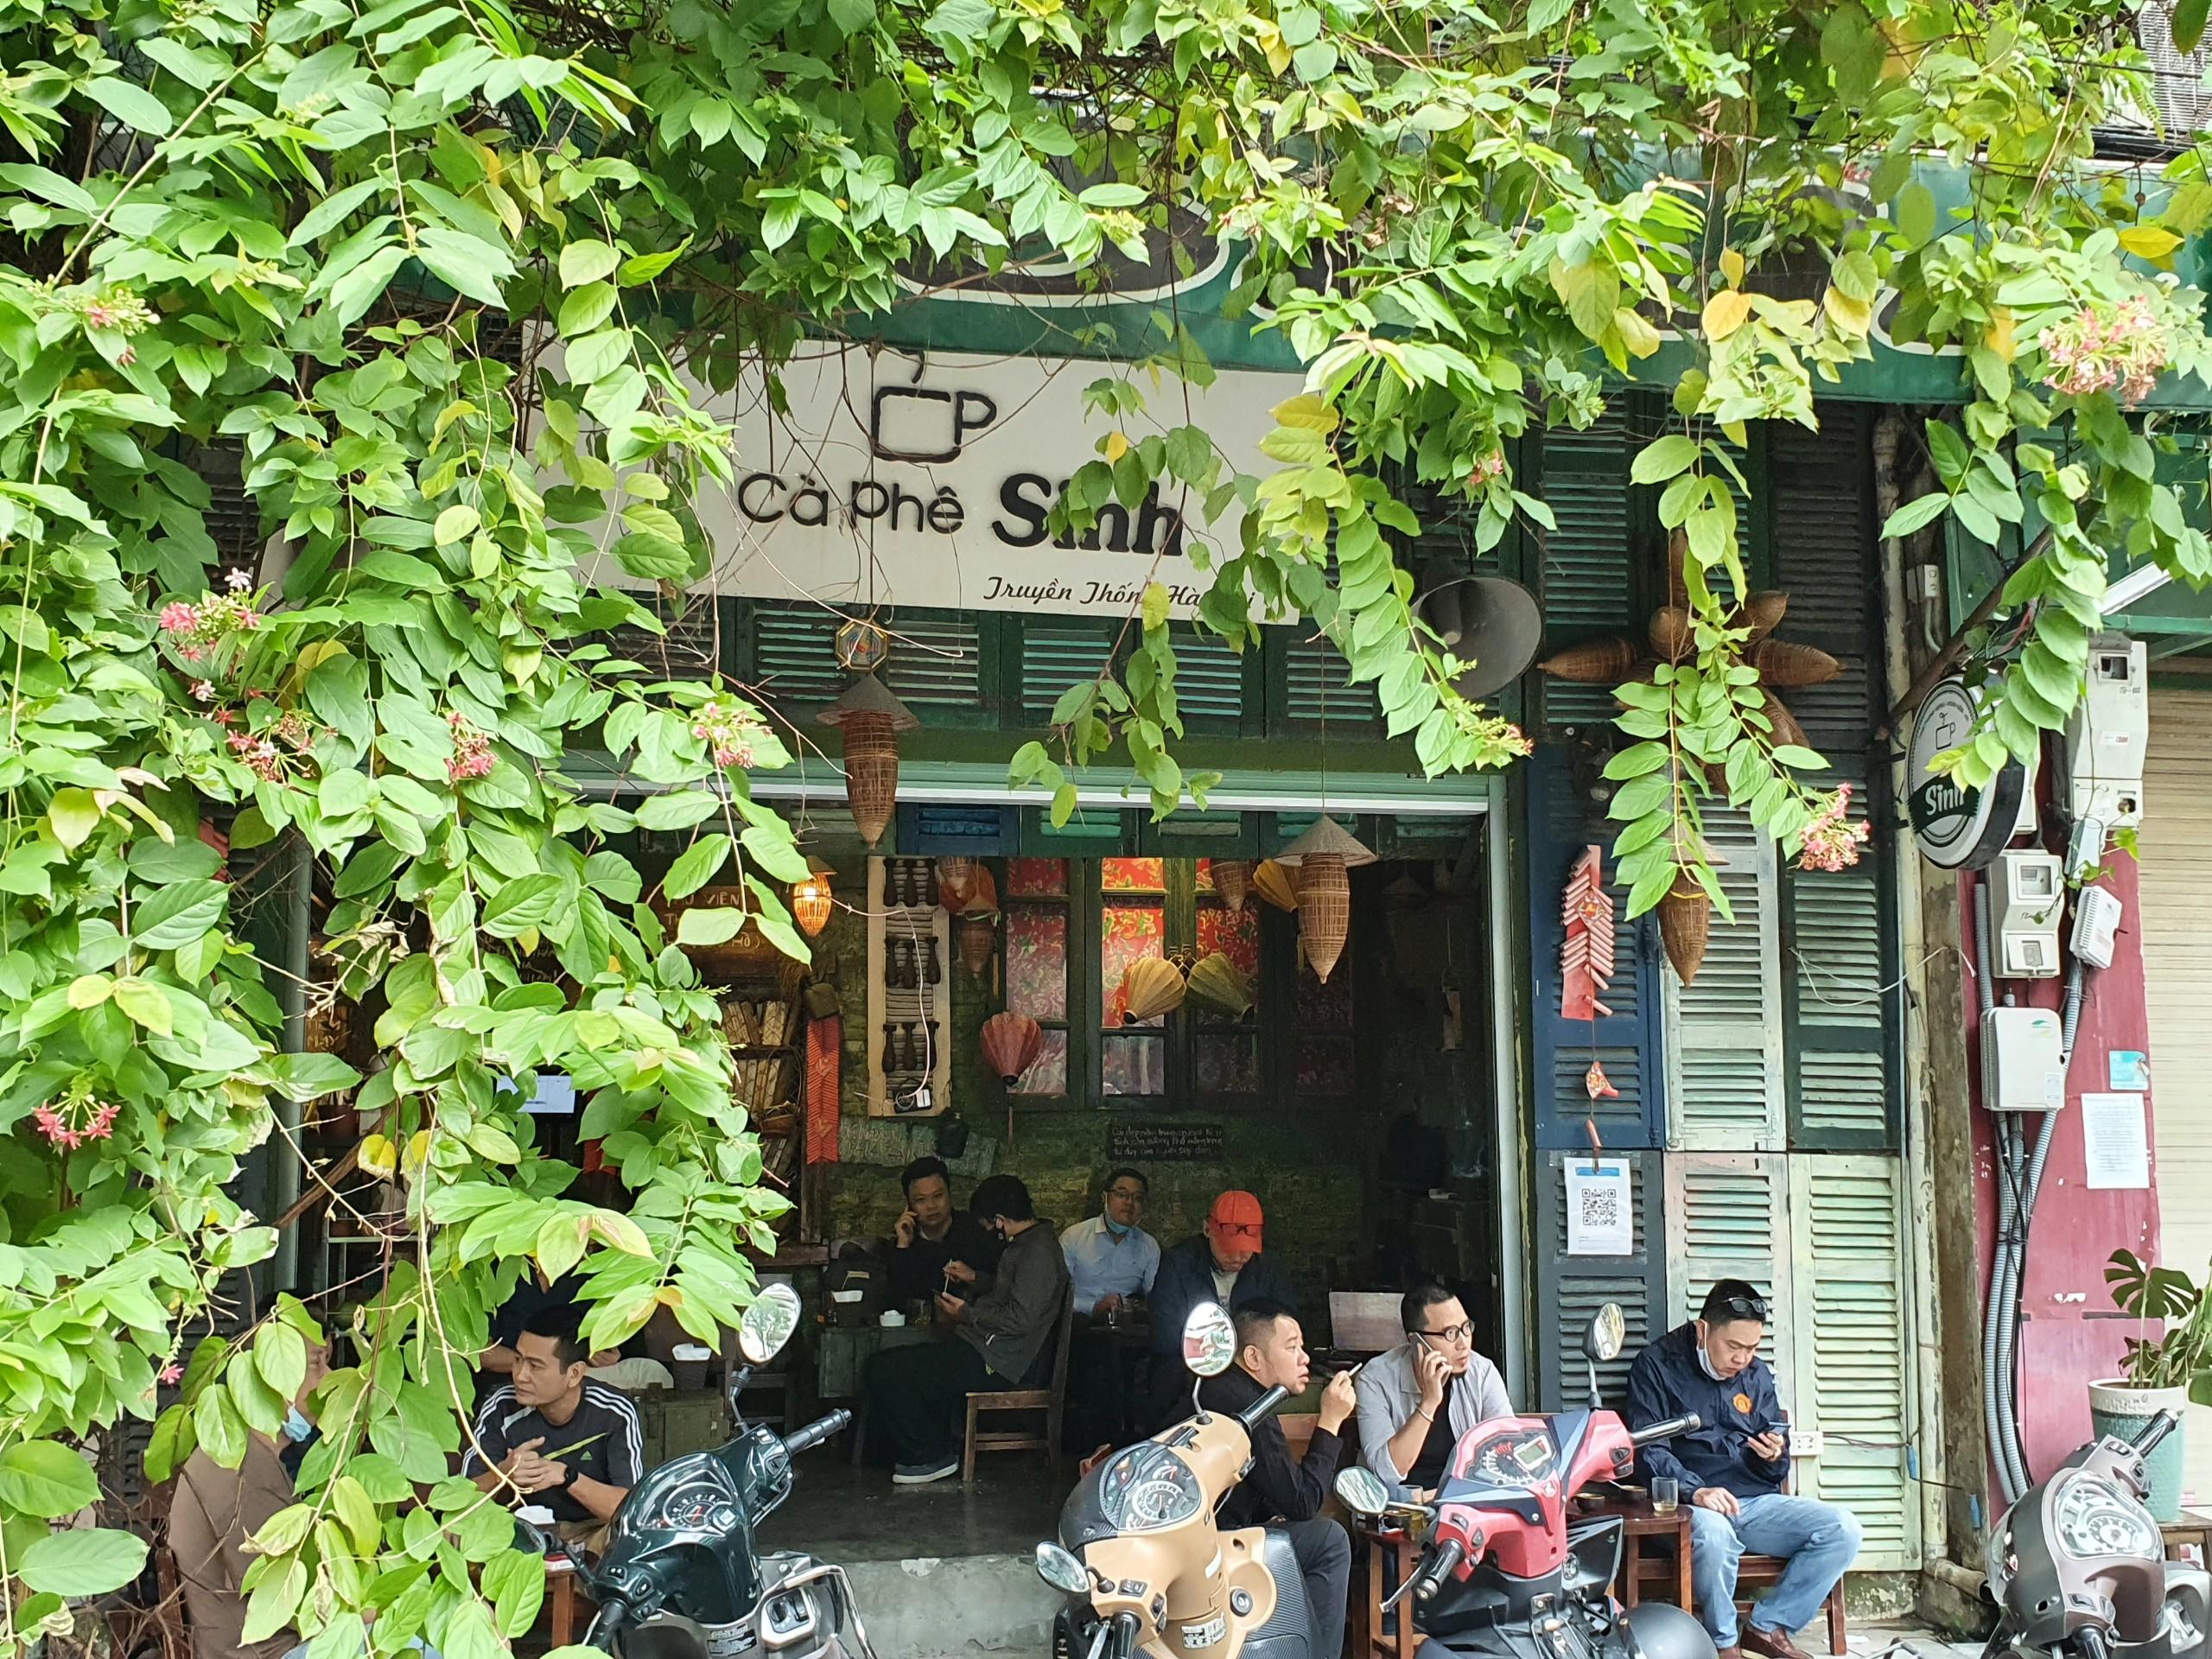 Ghi nhận của PV Đại Đoàn Kết Online, ngay từ sáng sớm, rất nhiều người dân thủ đô đã tìm cho mình những quán cà phê quen thuộc sau thời gian dài giãn cách xã hội.